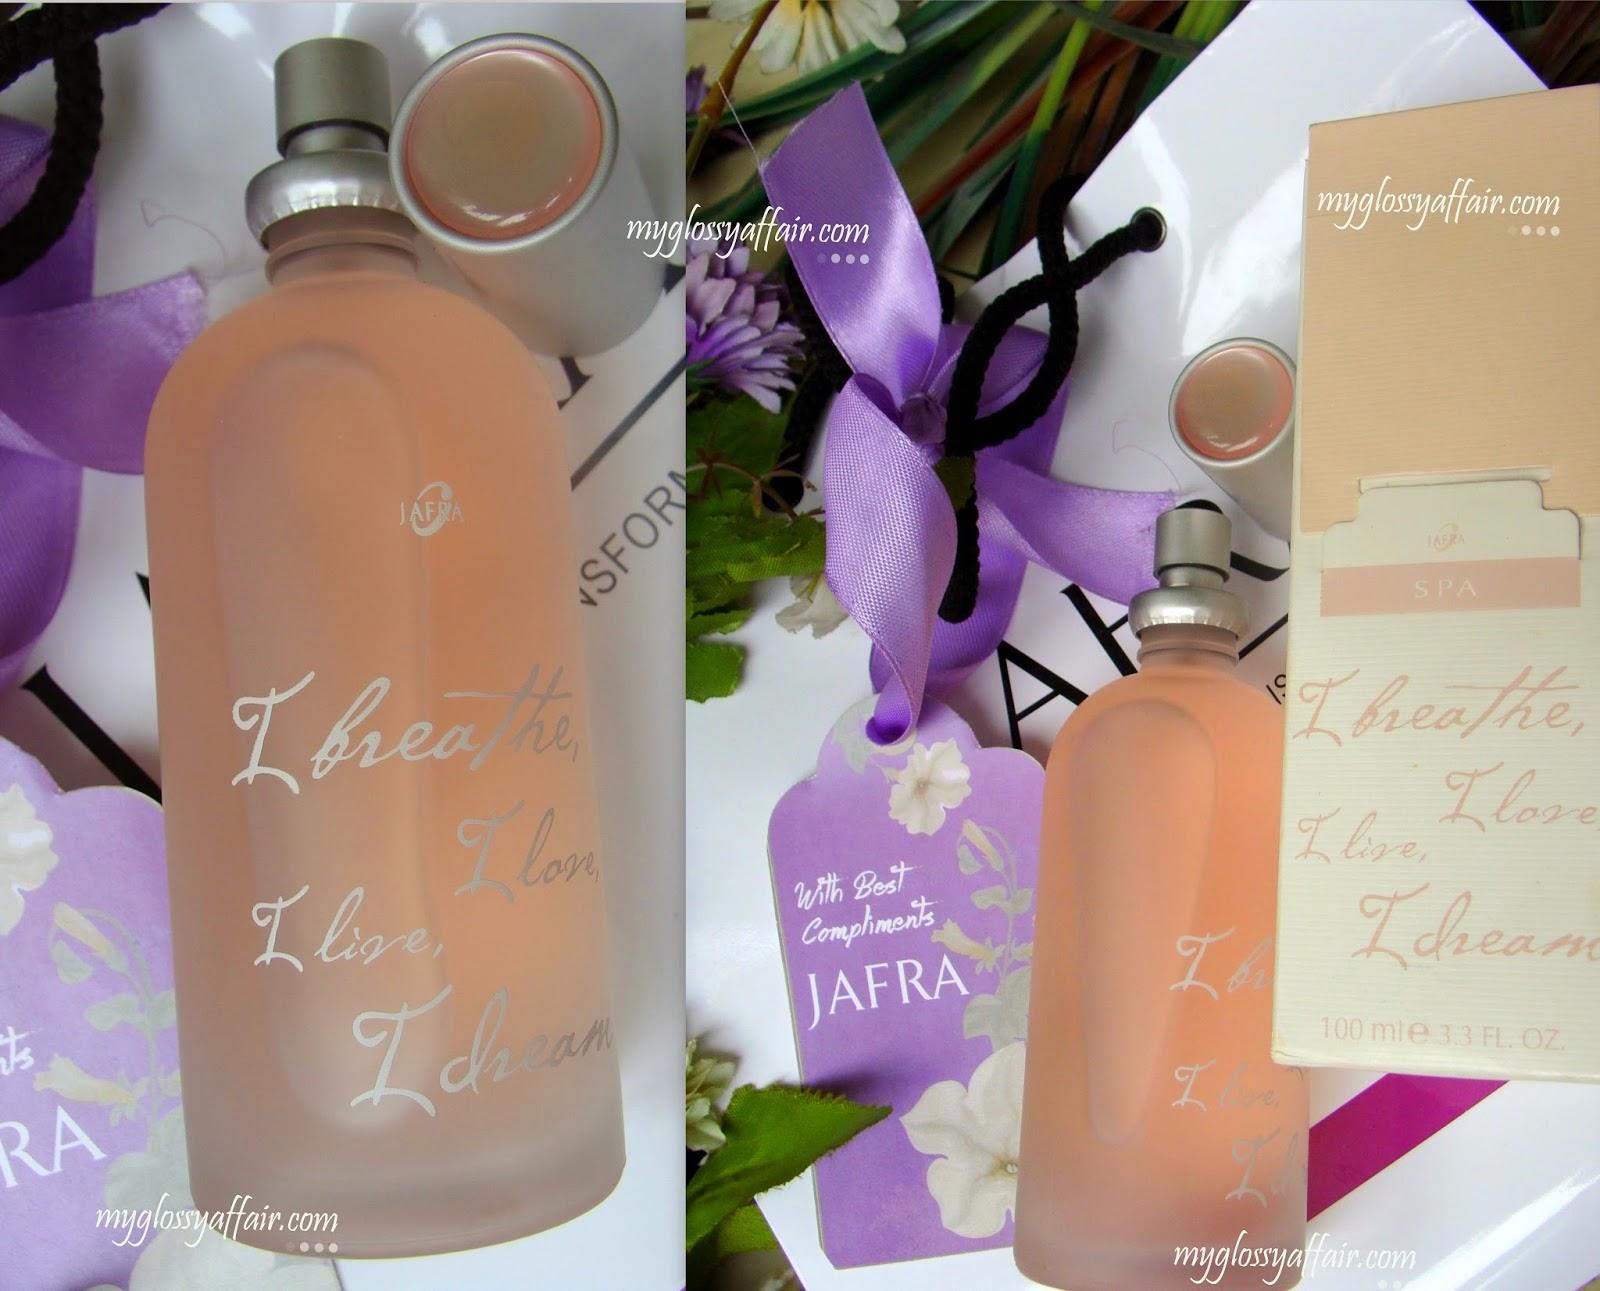 Jafra Fragrance